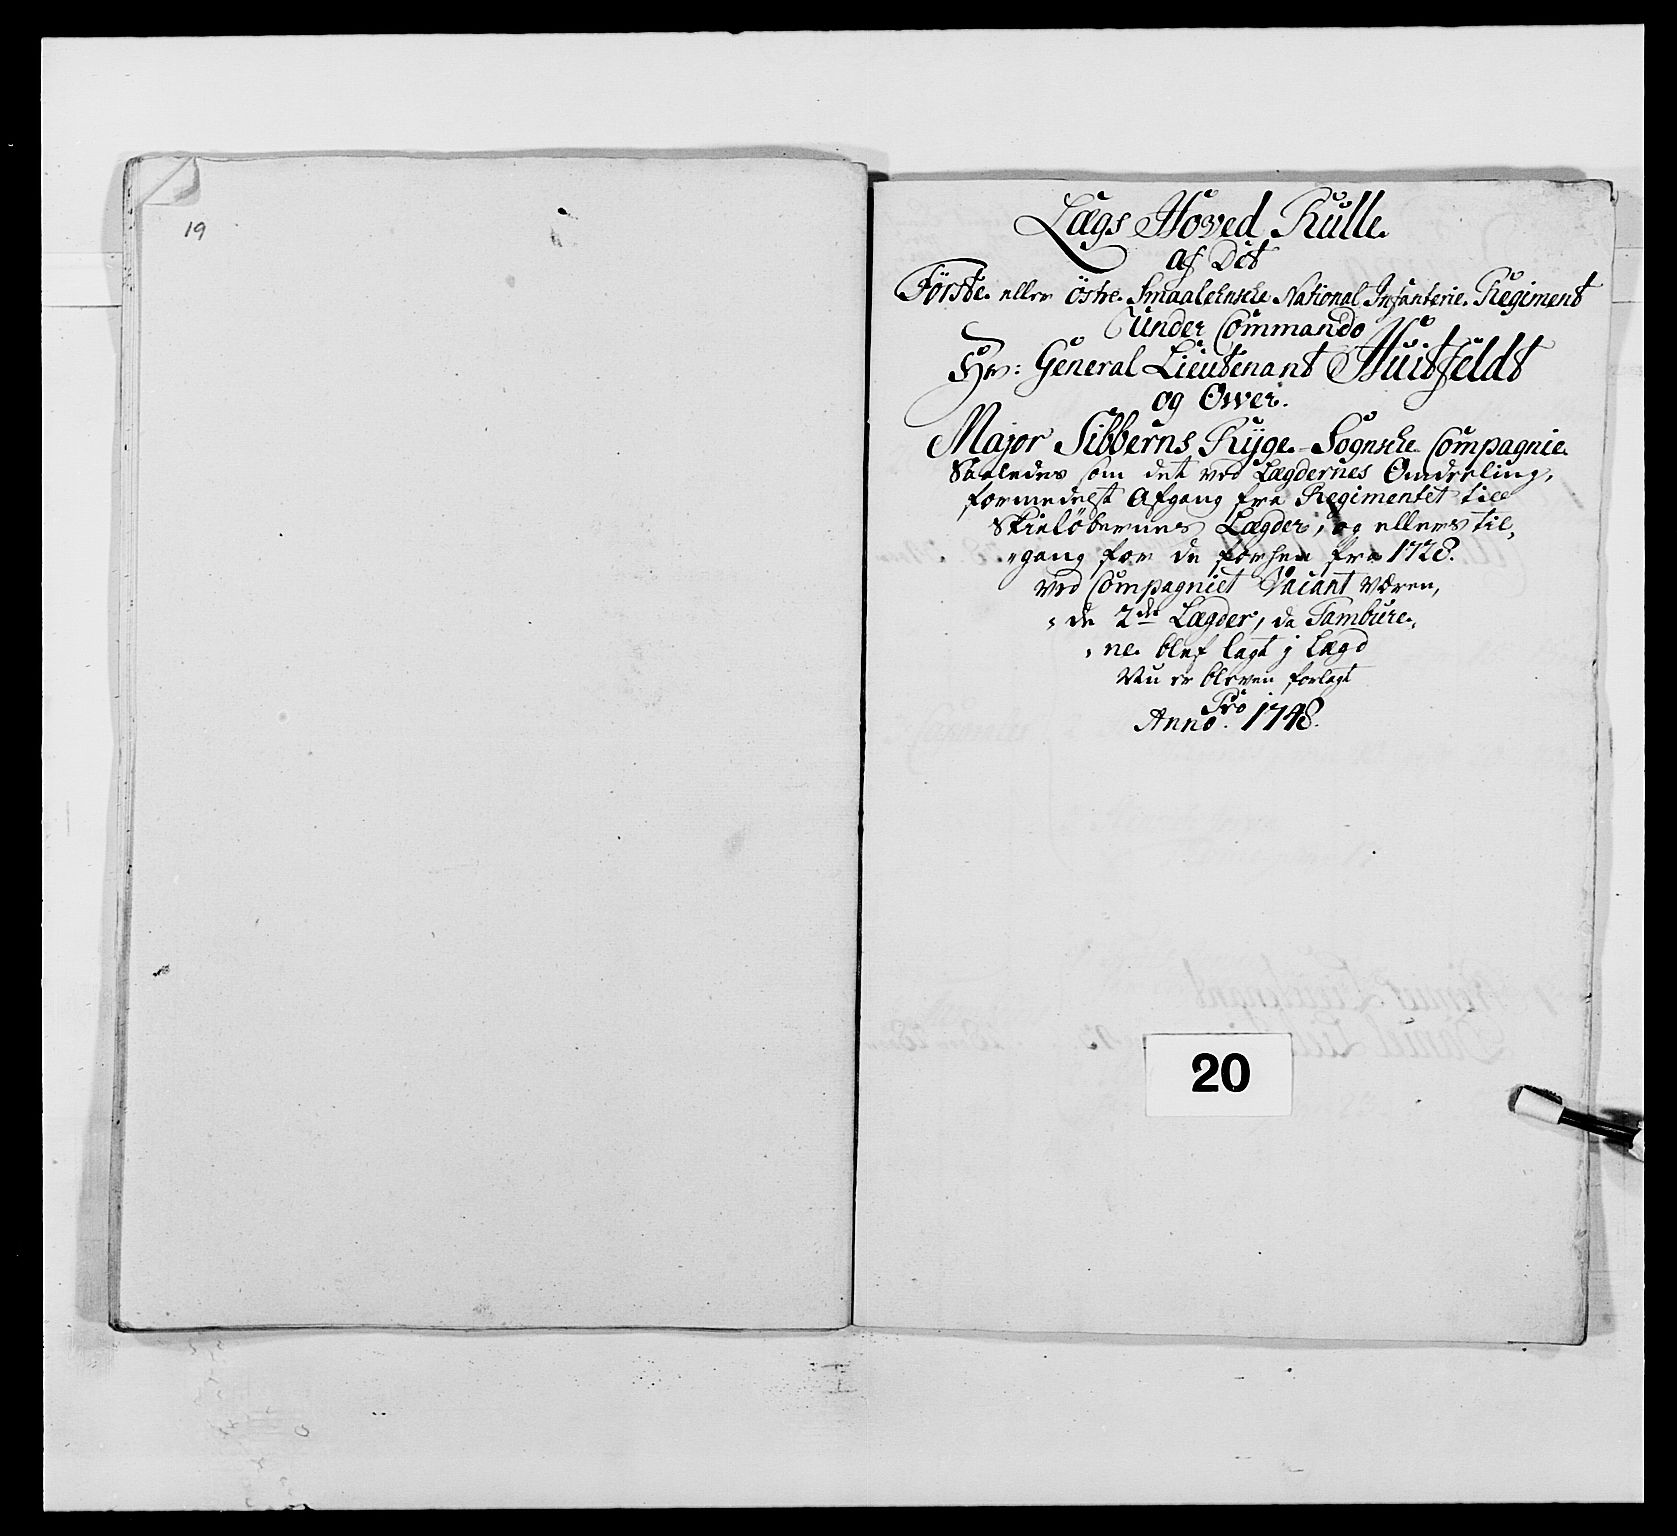 RA, Kommanderende general (KG I) med Det norske krigsdirektorium, E/Ea/L0495: 1. Smålenske regiment, 1732-1763, s. 268